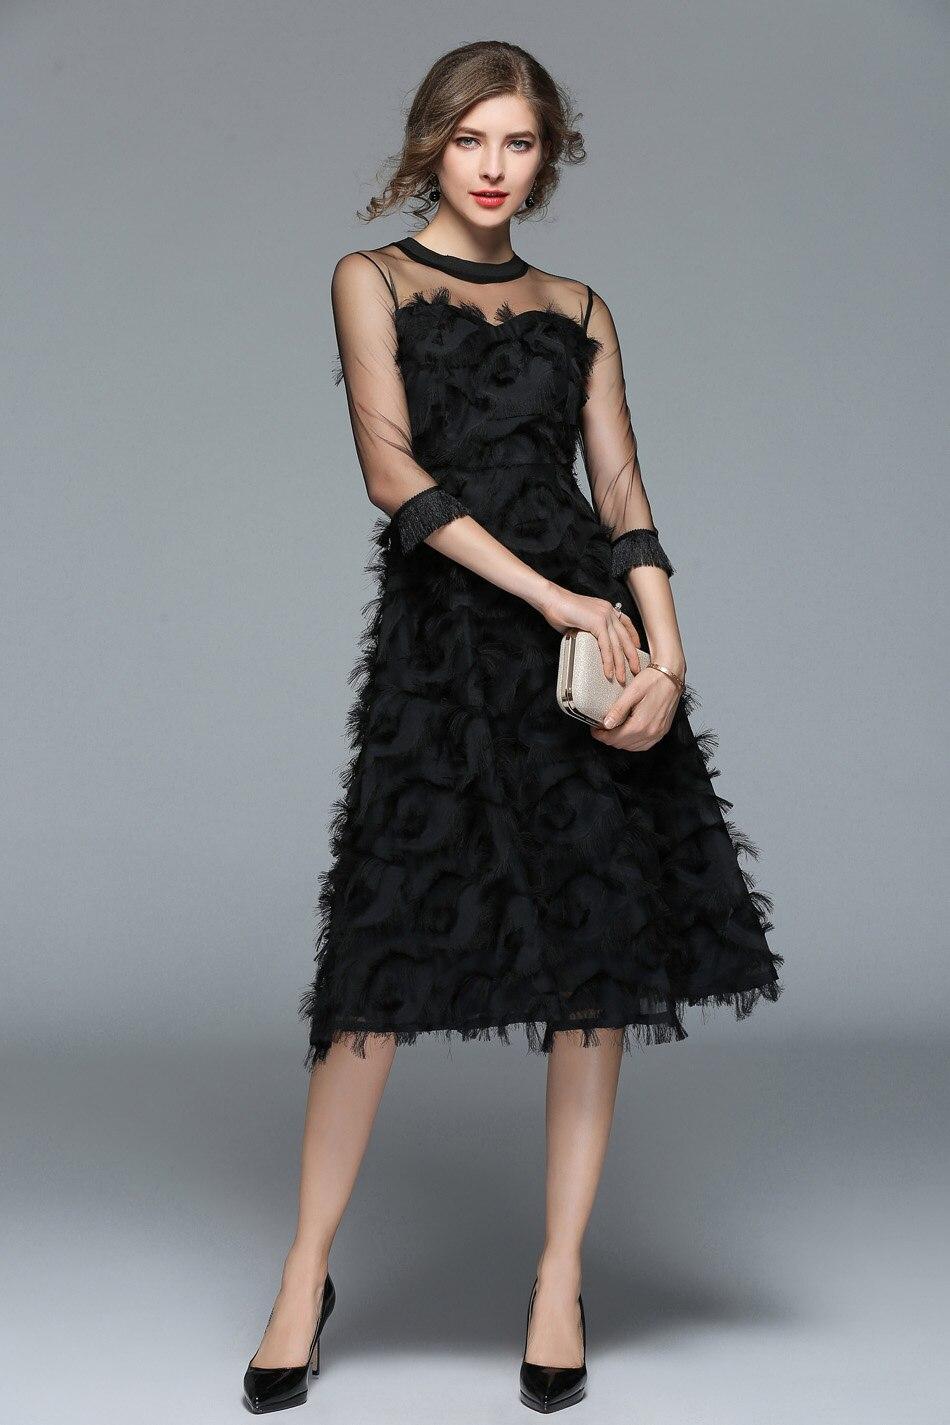 Bayan abiye elbise dantel tasarım uzun kolllu,,abiye elbise,kısa abiyeler,uzun abiye,online abiye,ucuz abiye